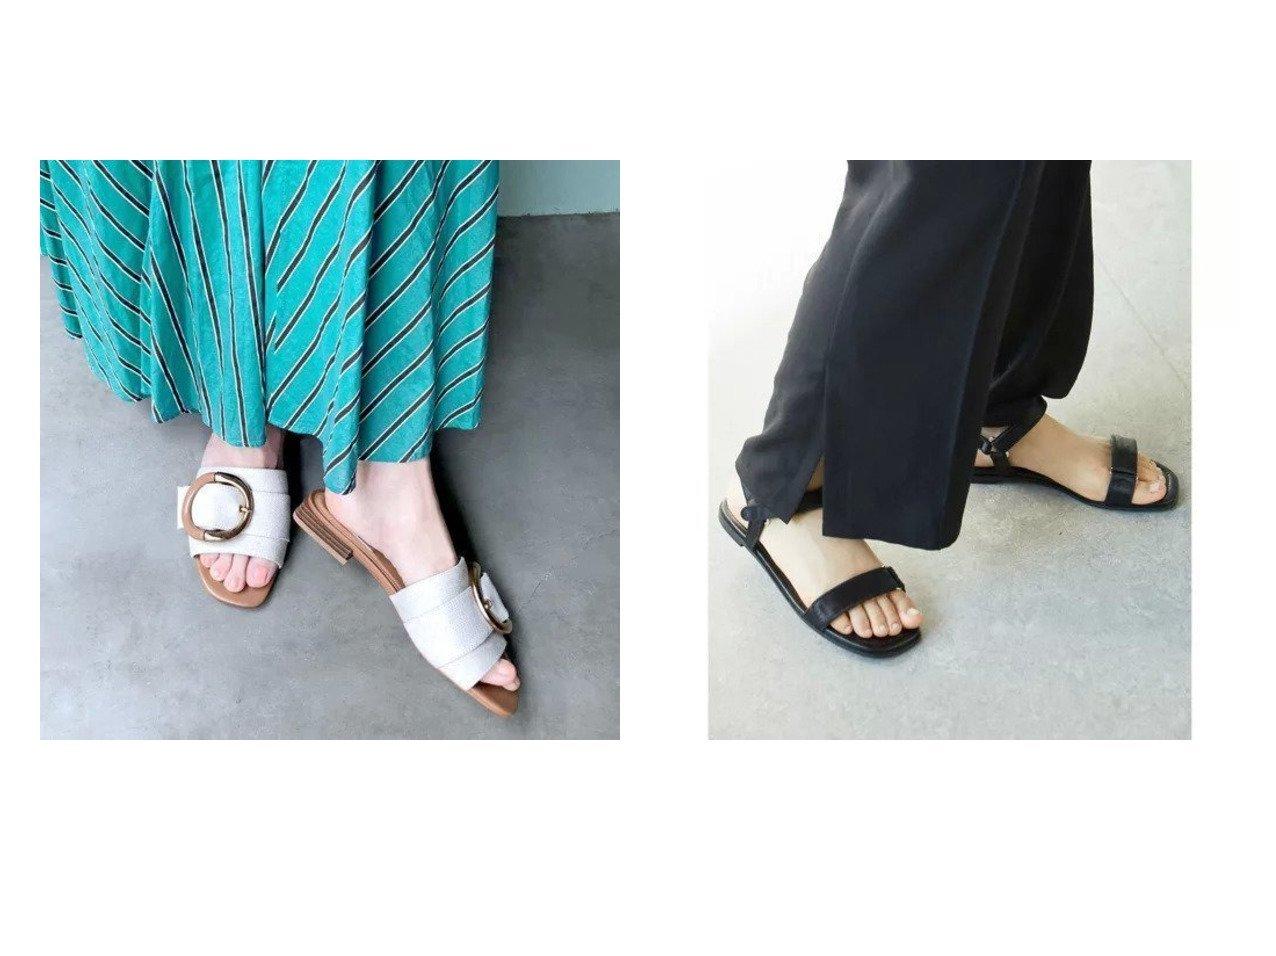 【enchanted/エンチャンテッド】のビックバックルハンプミュールサンダル&【GALLARDAGALANTE/ガリャルダガランテ】のサテンベルクロサンダル 【シューズ・靴】おすすめ!人気、トレンド・レディースファッションの通販 おすすめで人気の流行・トレンド、ファッションの通販商品 インテリア・家具・メンズファッション・キッズファッション・レディースファッション・服の通販 founy(ファニー) https://founy.com/ ファッション Fashion レディースファッション WOMEN バッグ Bag サンダル シューズ ベーシック リラックス  ID:crp329100000048155